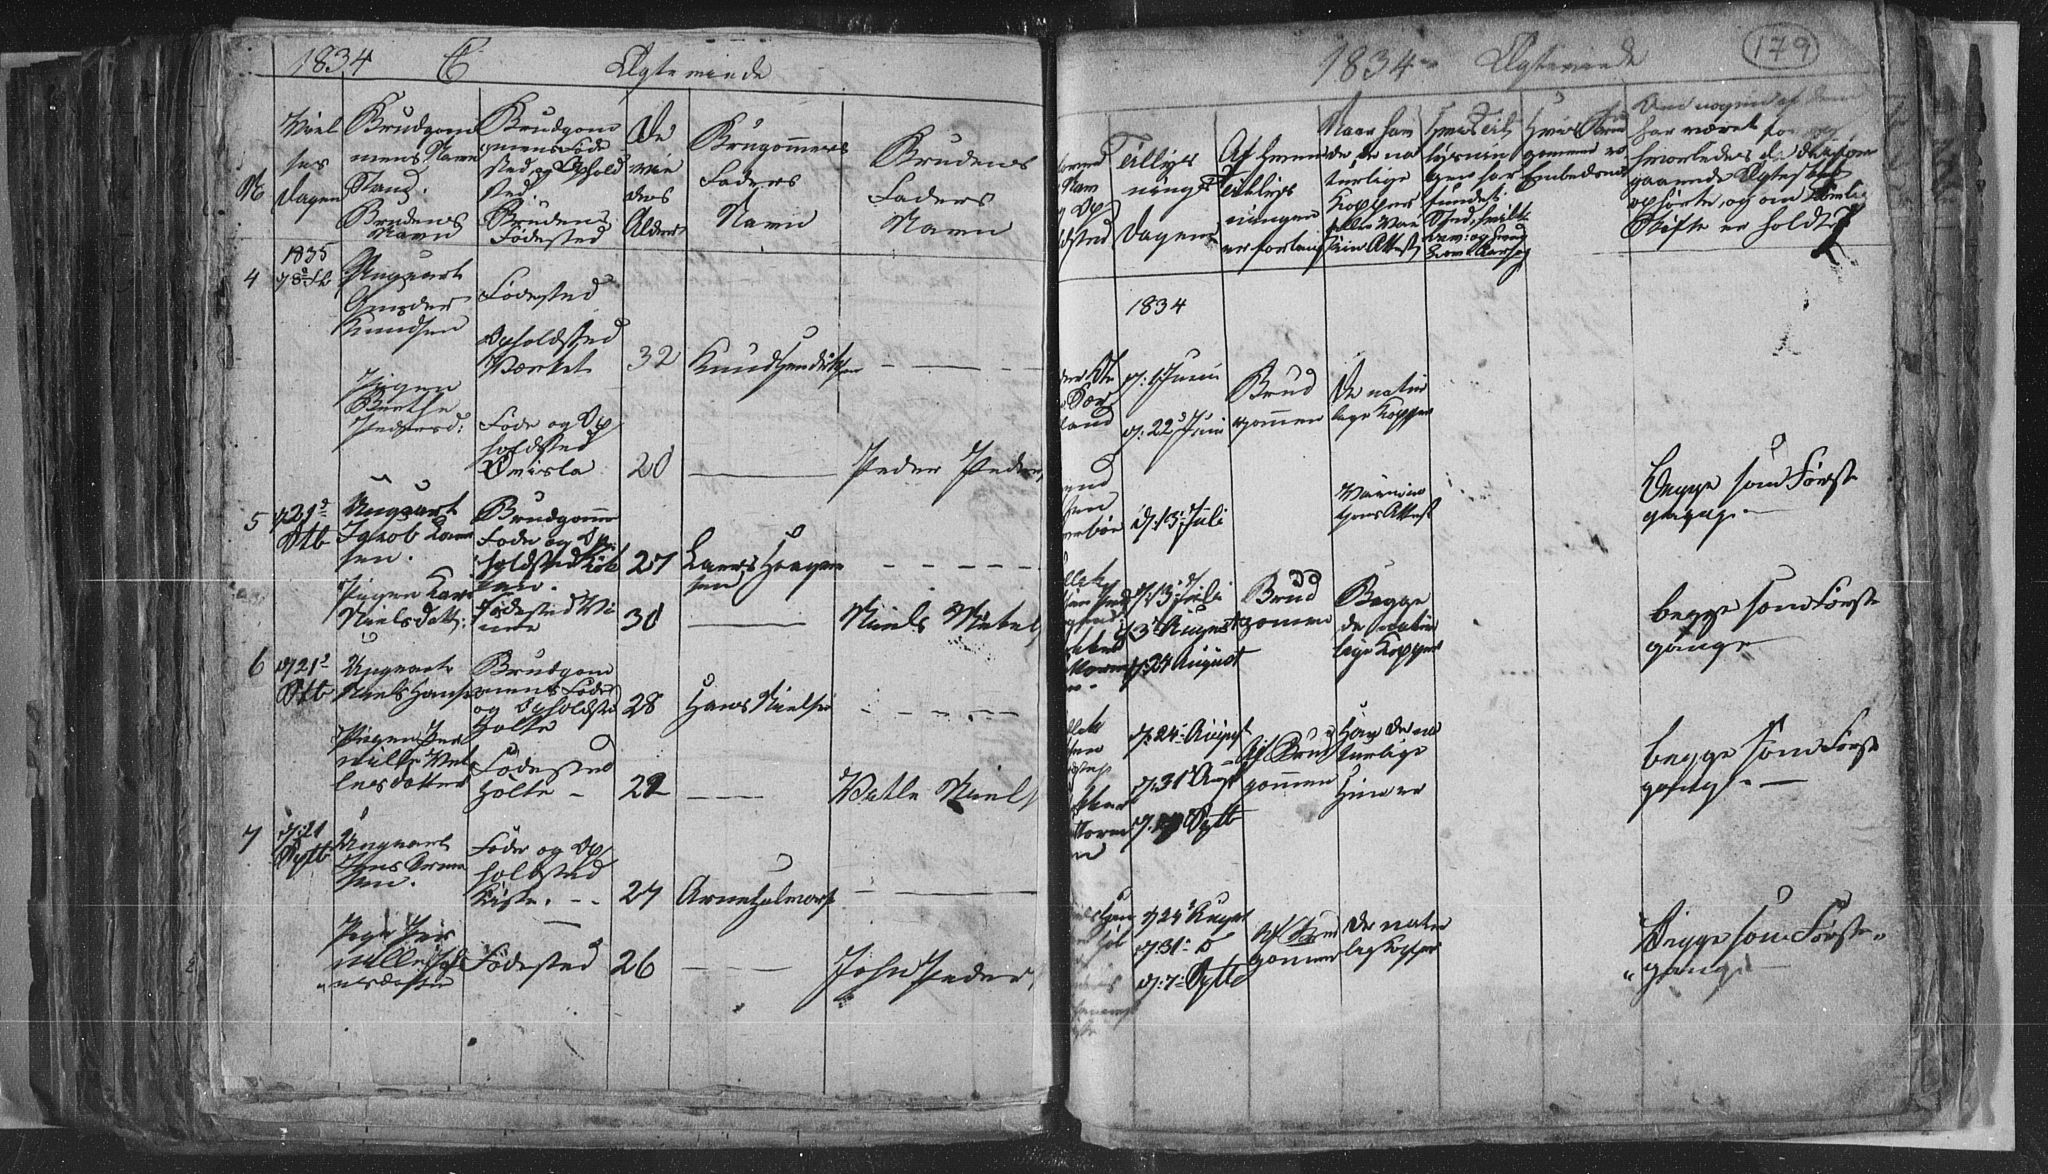 SAKO, Siljan kirkebøker, G/Ga/L0001: Klokkerbok nr. 1, 1827-1847, s. 179